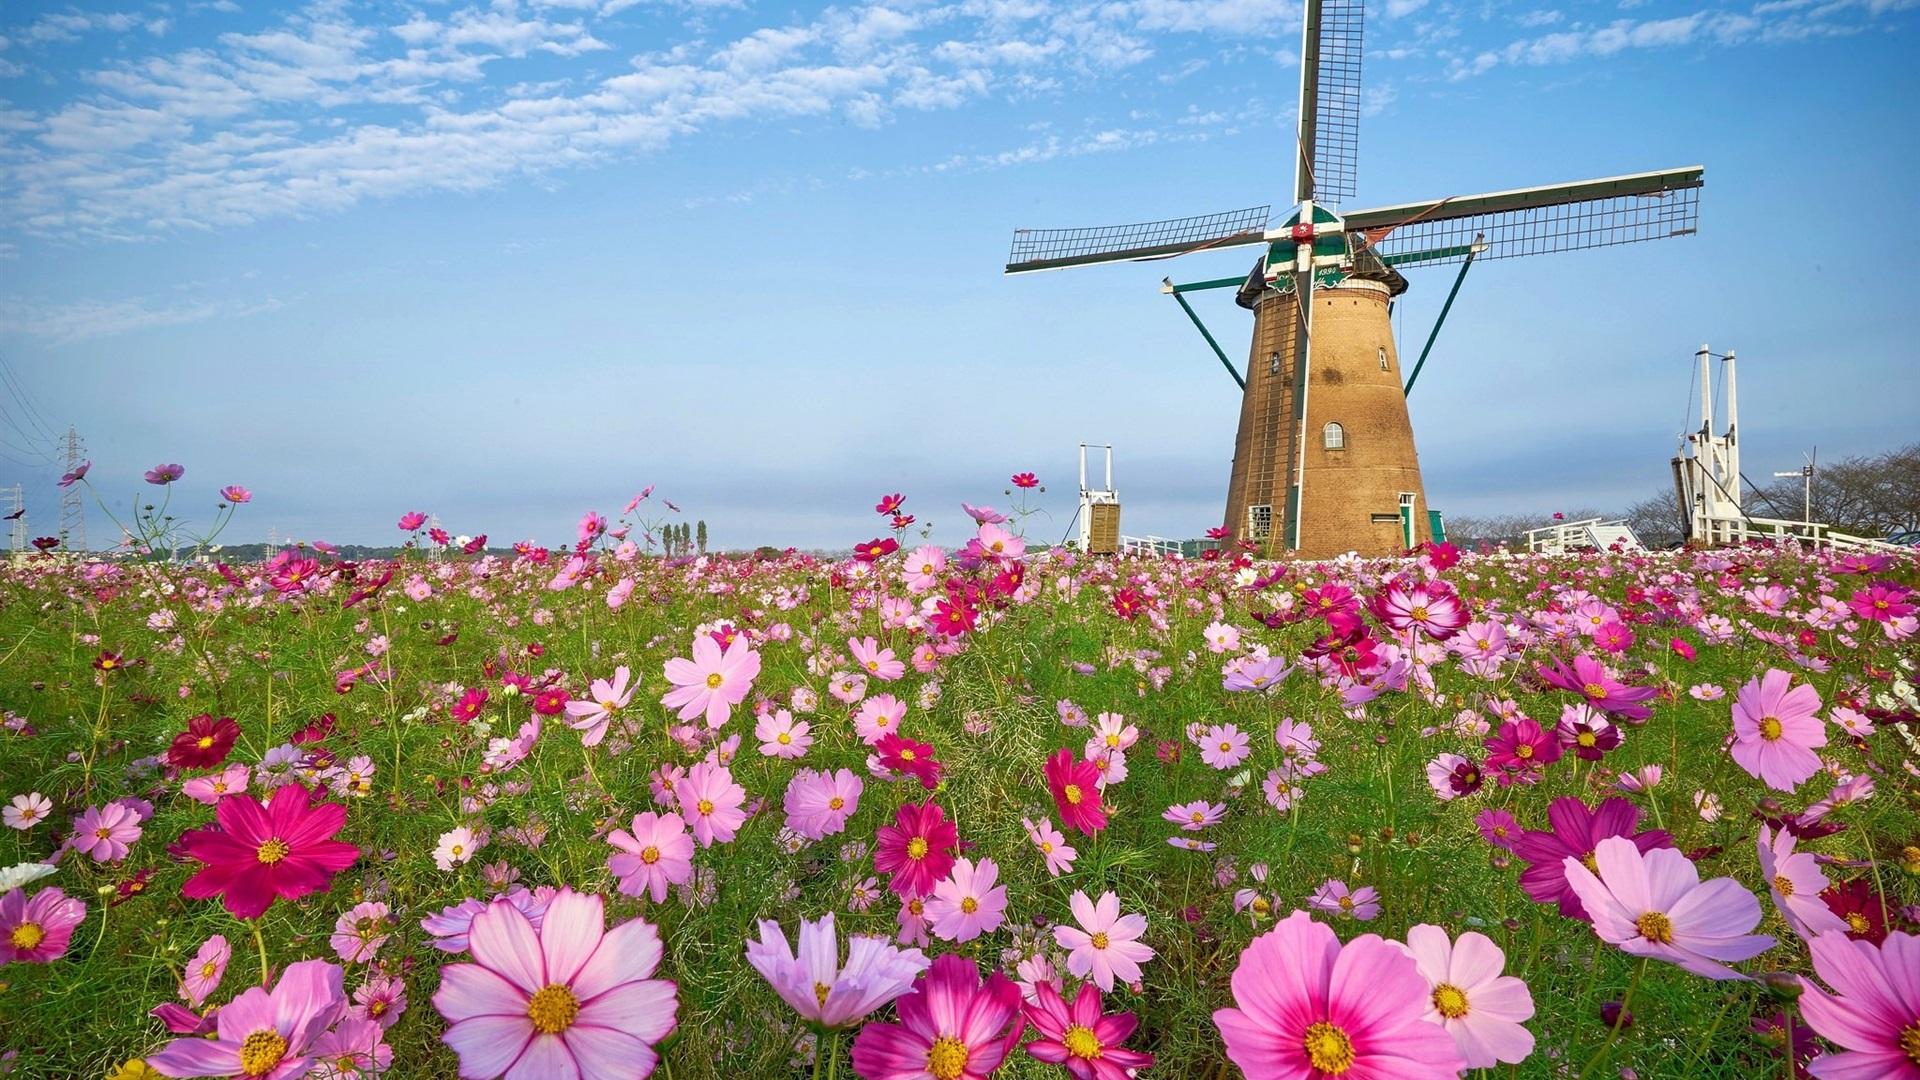 роз, ветряная мельница и лаванда фото кто-то просто очень